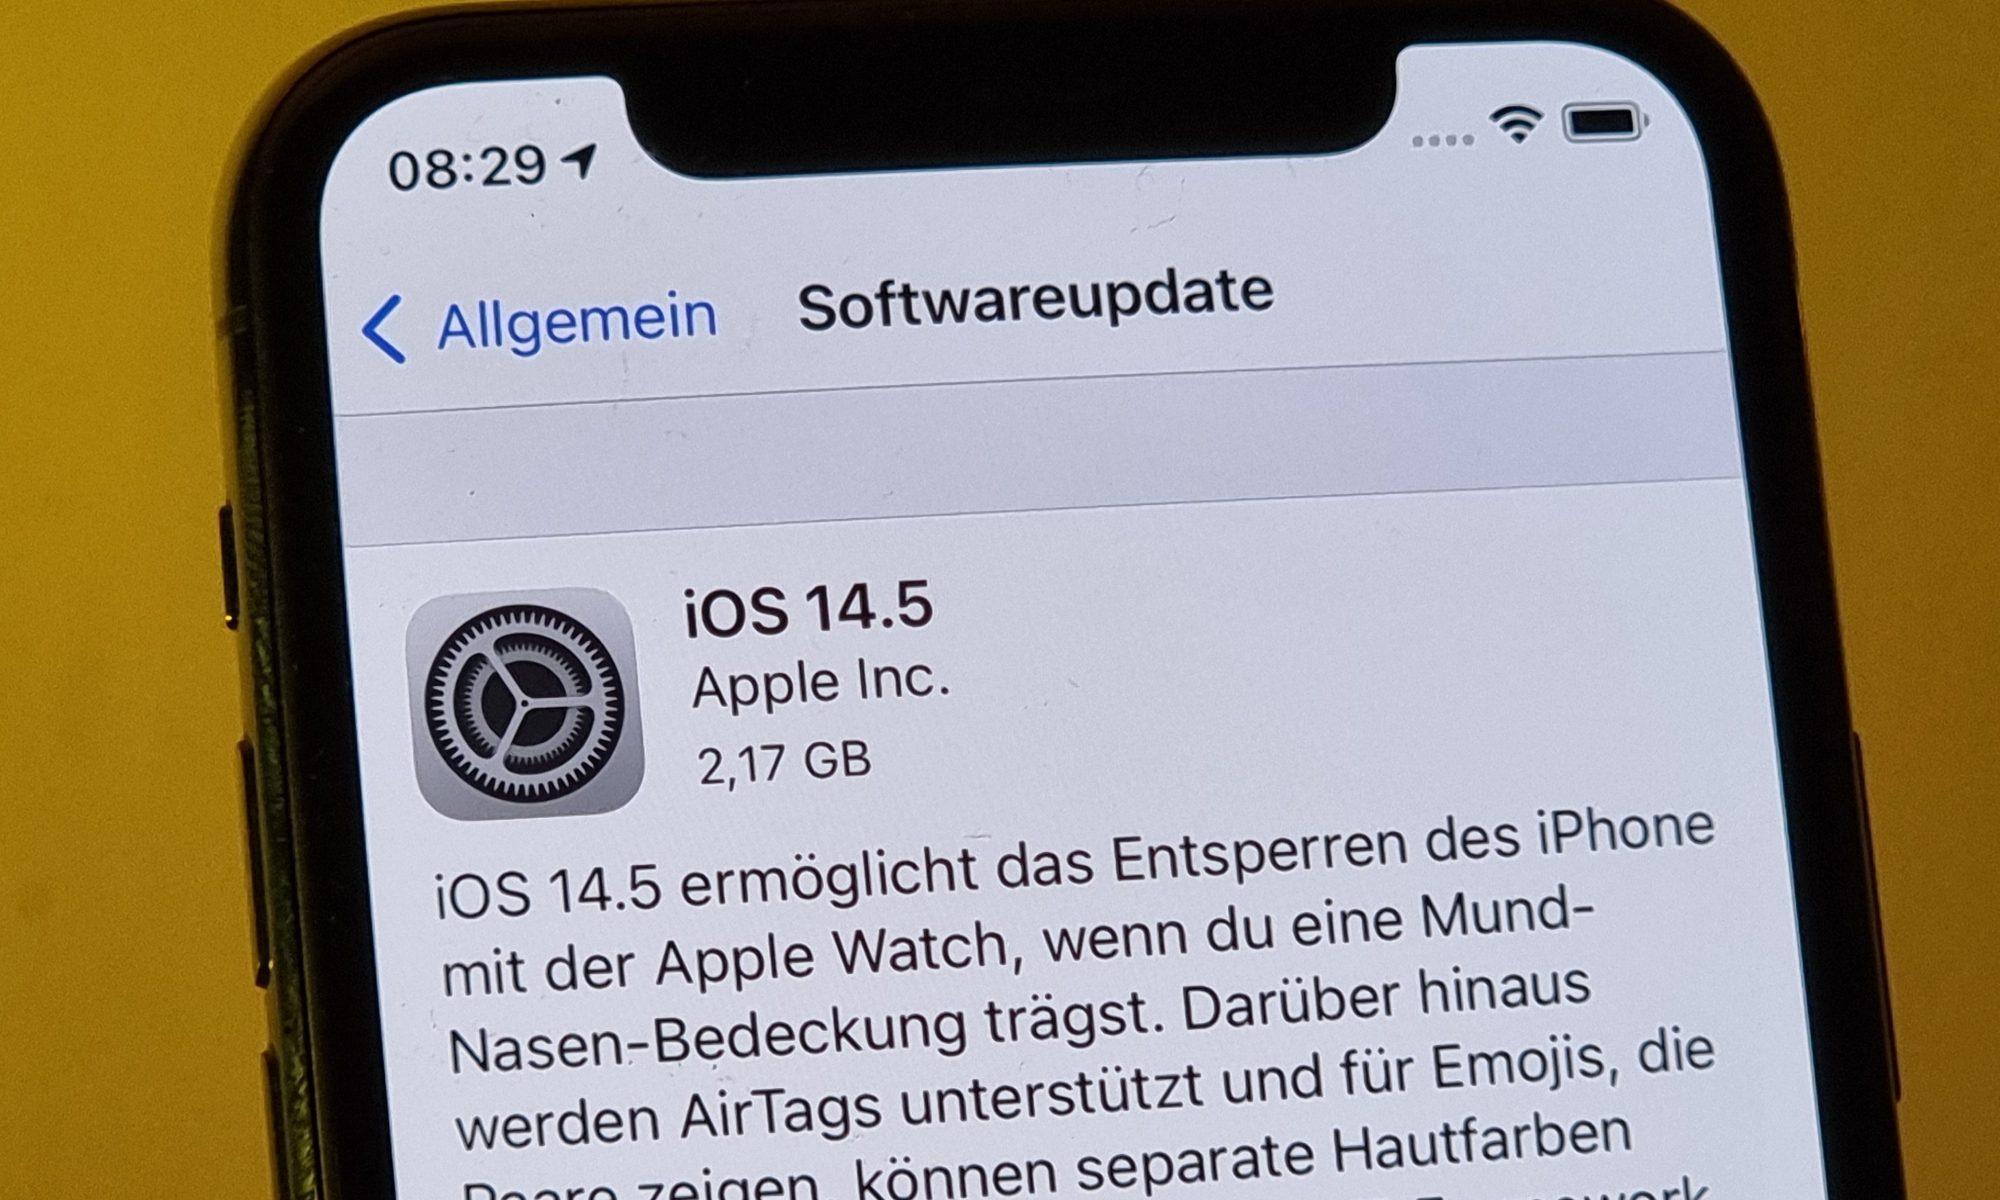 Aquí están todas las nuevas características de la actualización 14.5 de iOS